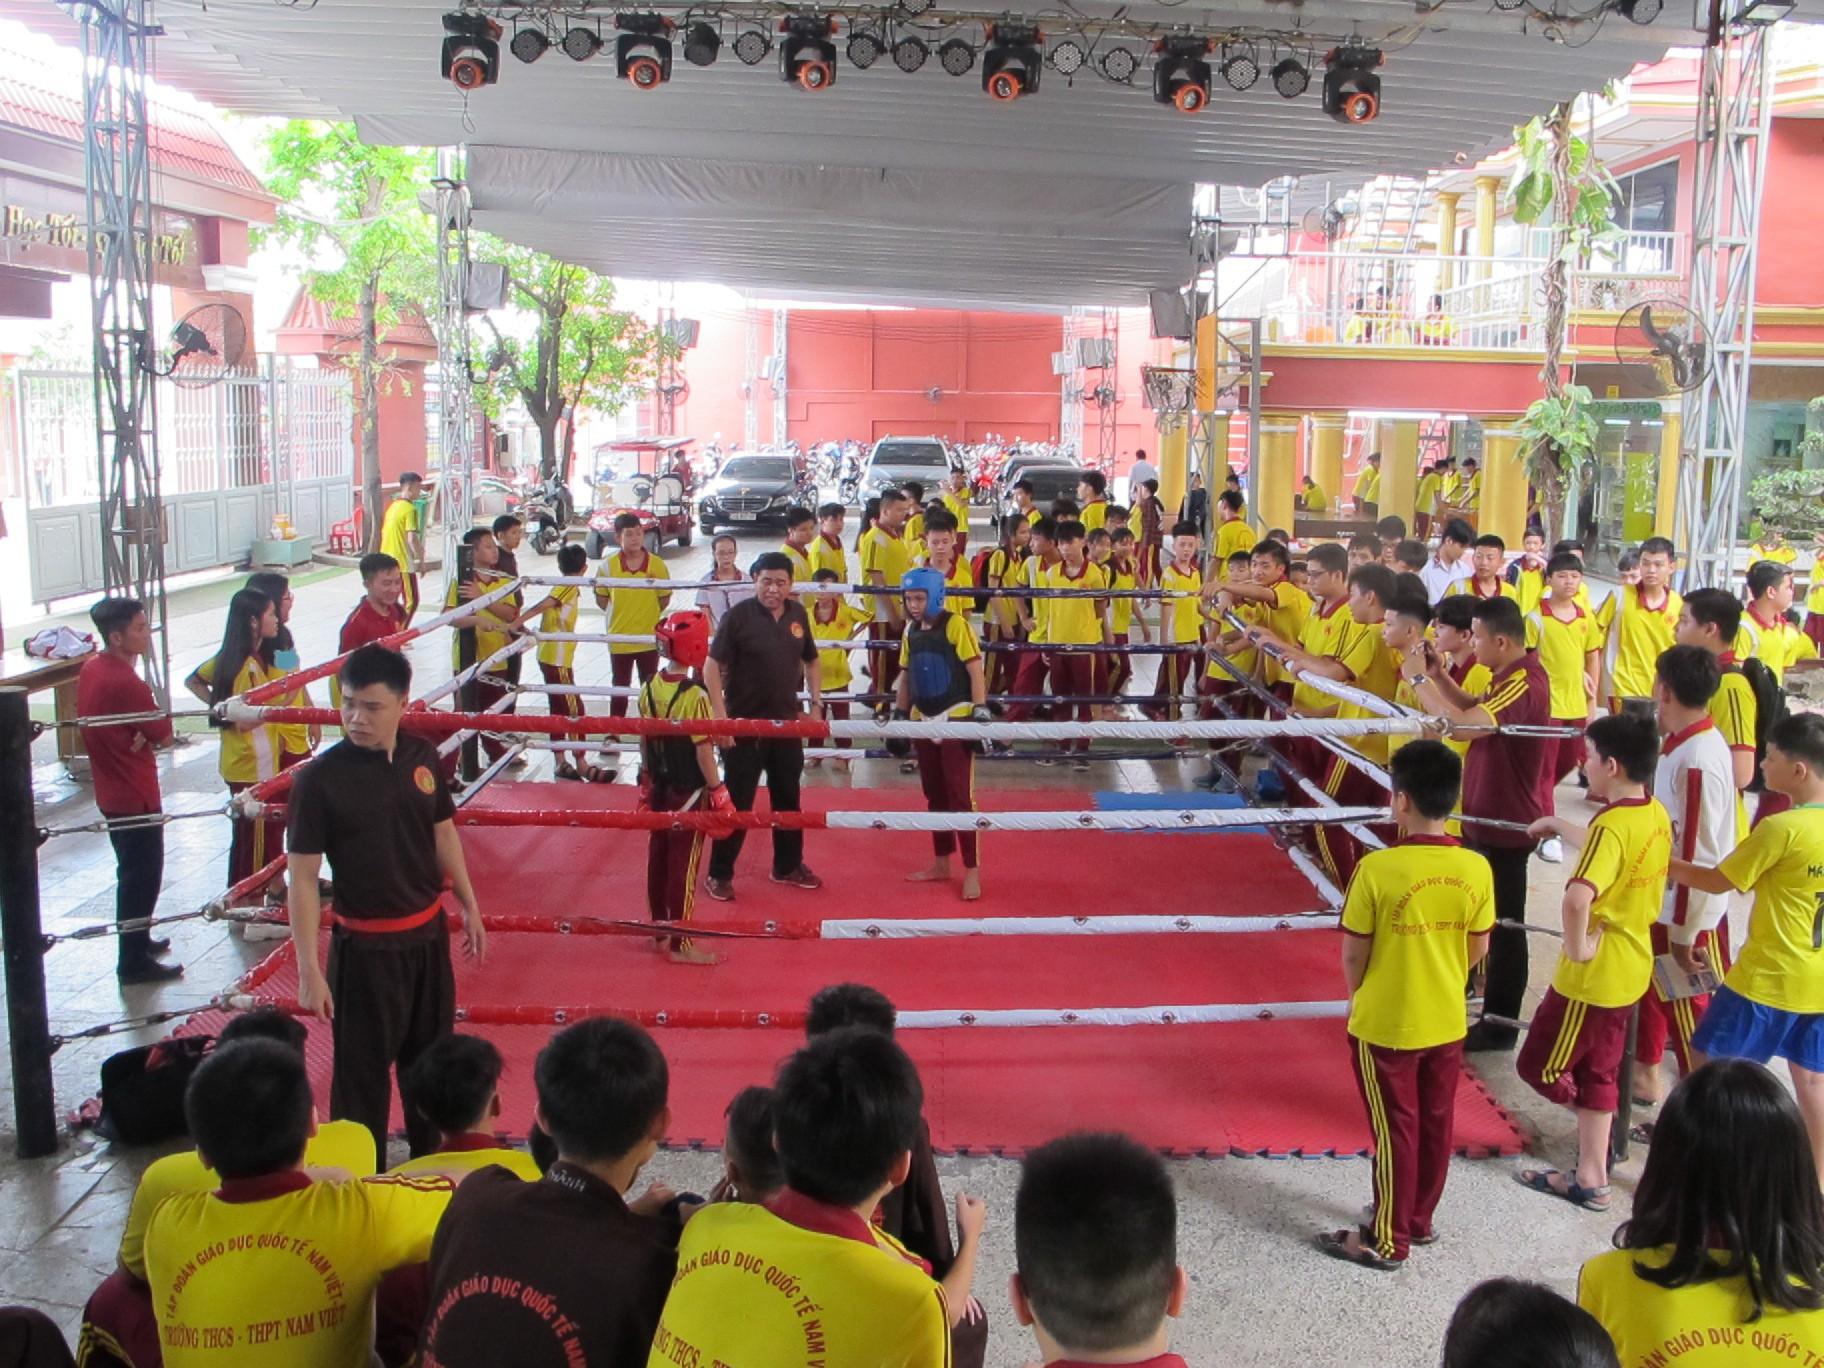 Tập đoàn giáo dục quốc tế Nam Việt phát triển vững mạnh với 6 cơ sở - Ảnh 4.